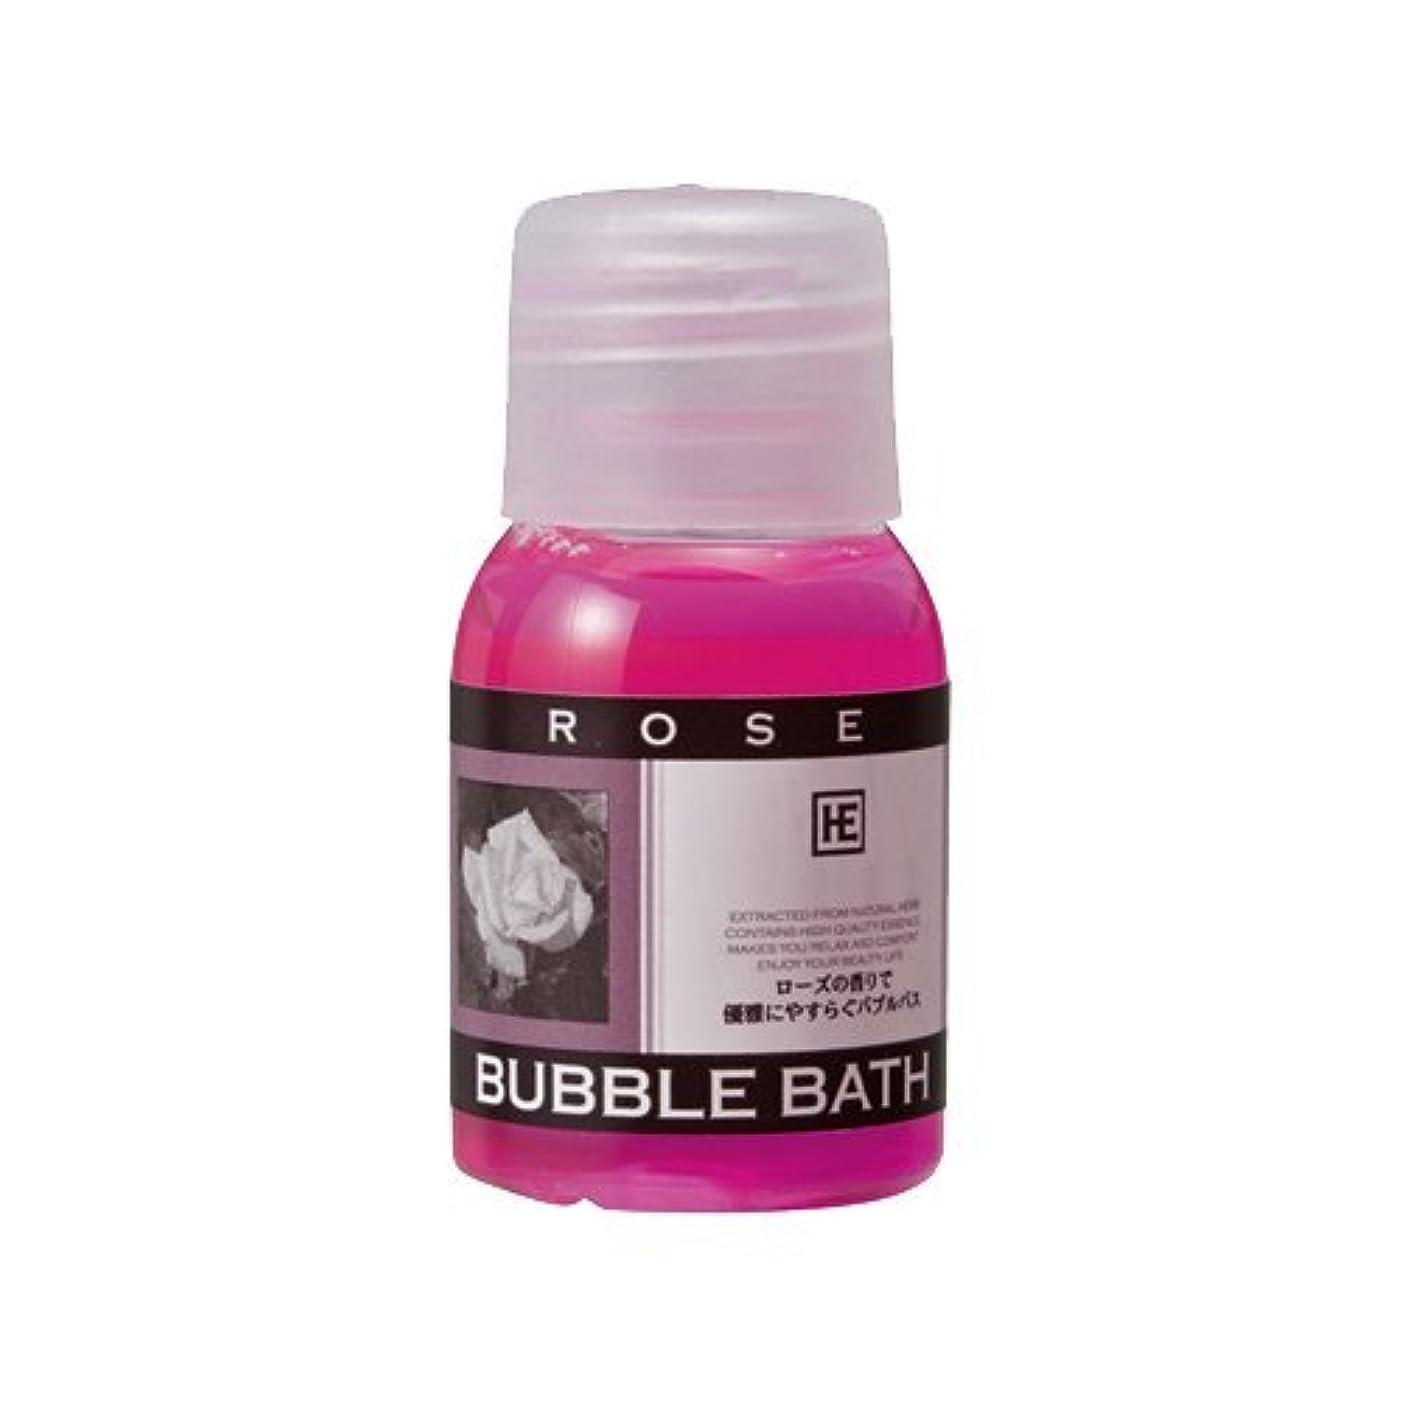 からかううなり声コントロールハーバルエクストラ バブルバス ミニボトル ローズの香り × 50個セット - ホテルアメニティ 業務用 発泡入浴剤 (BUBBLE BATH)